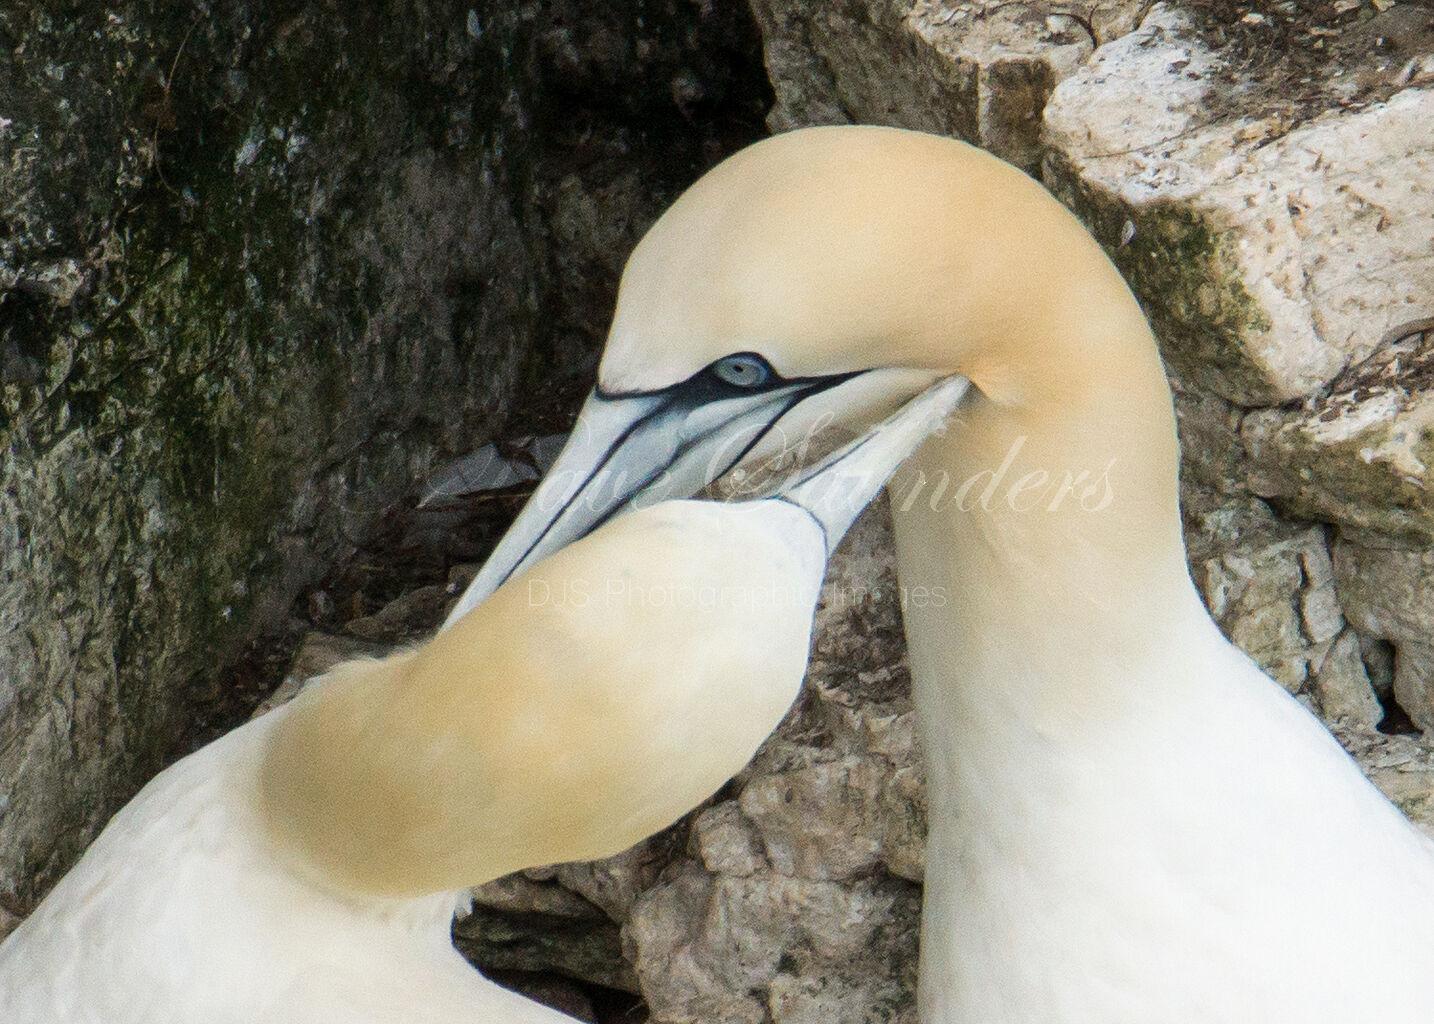 Gannet pairing